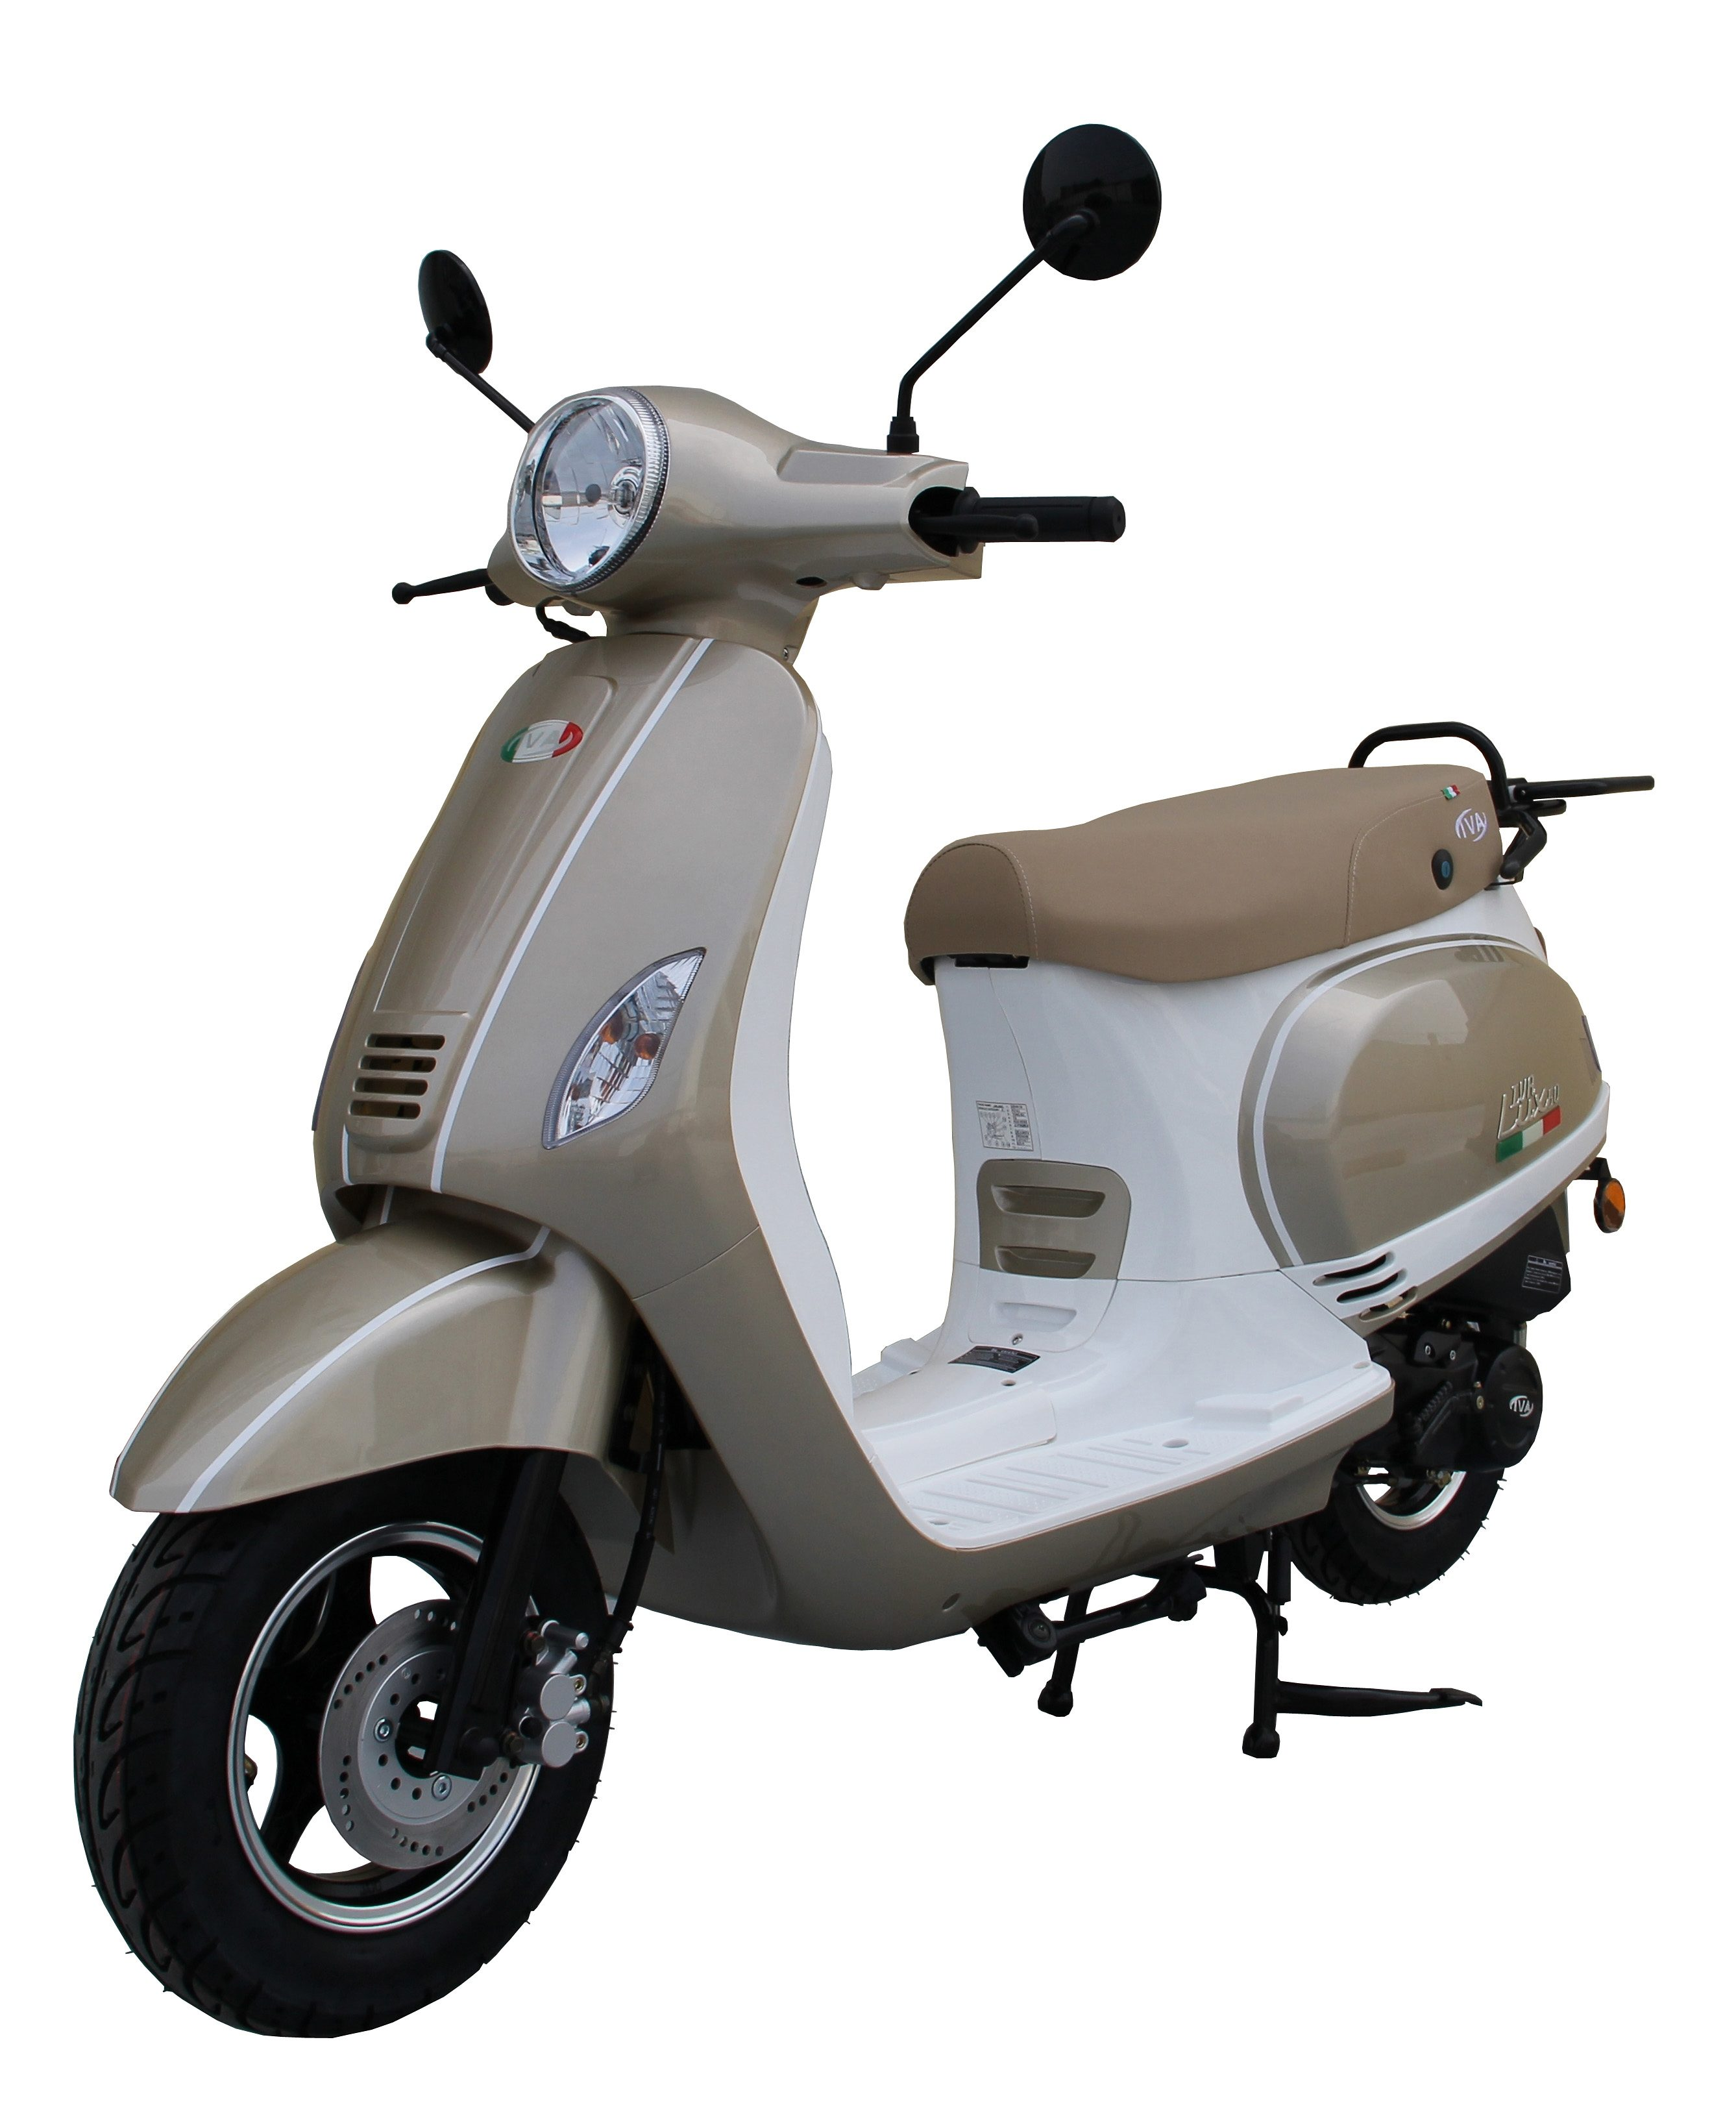 Motorroller »LUX 50«, 50 ccm 45 km/h, für 2 Personen, champagner/weiß